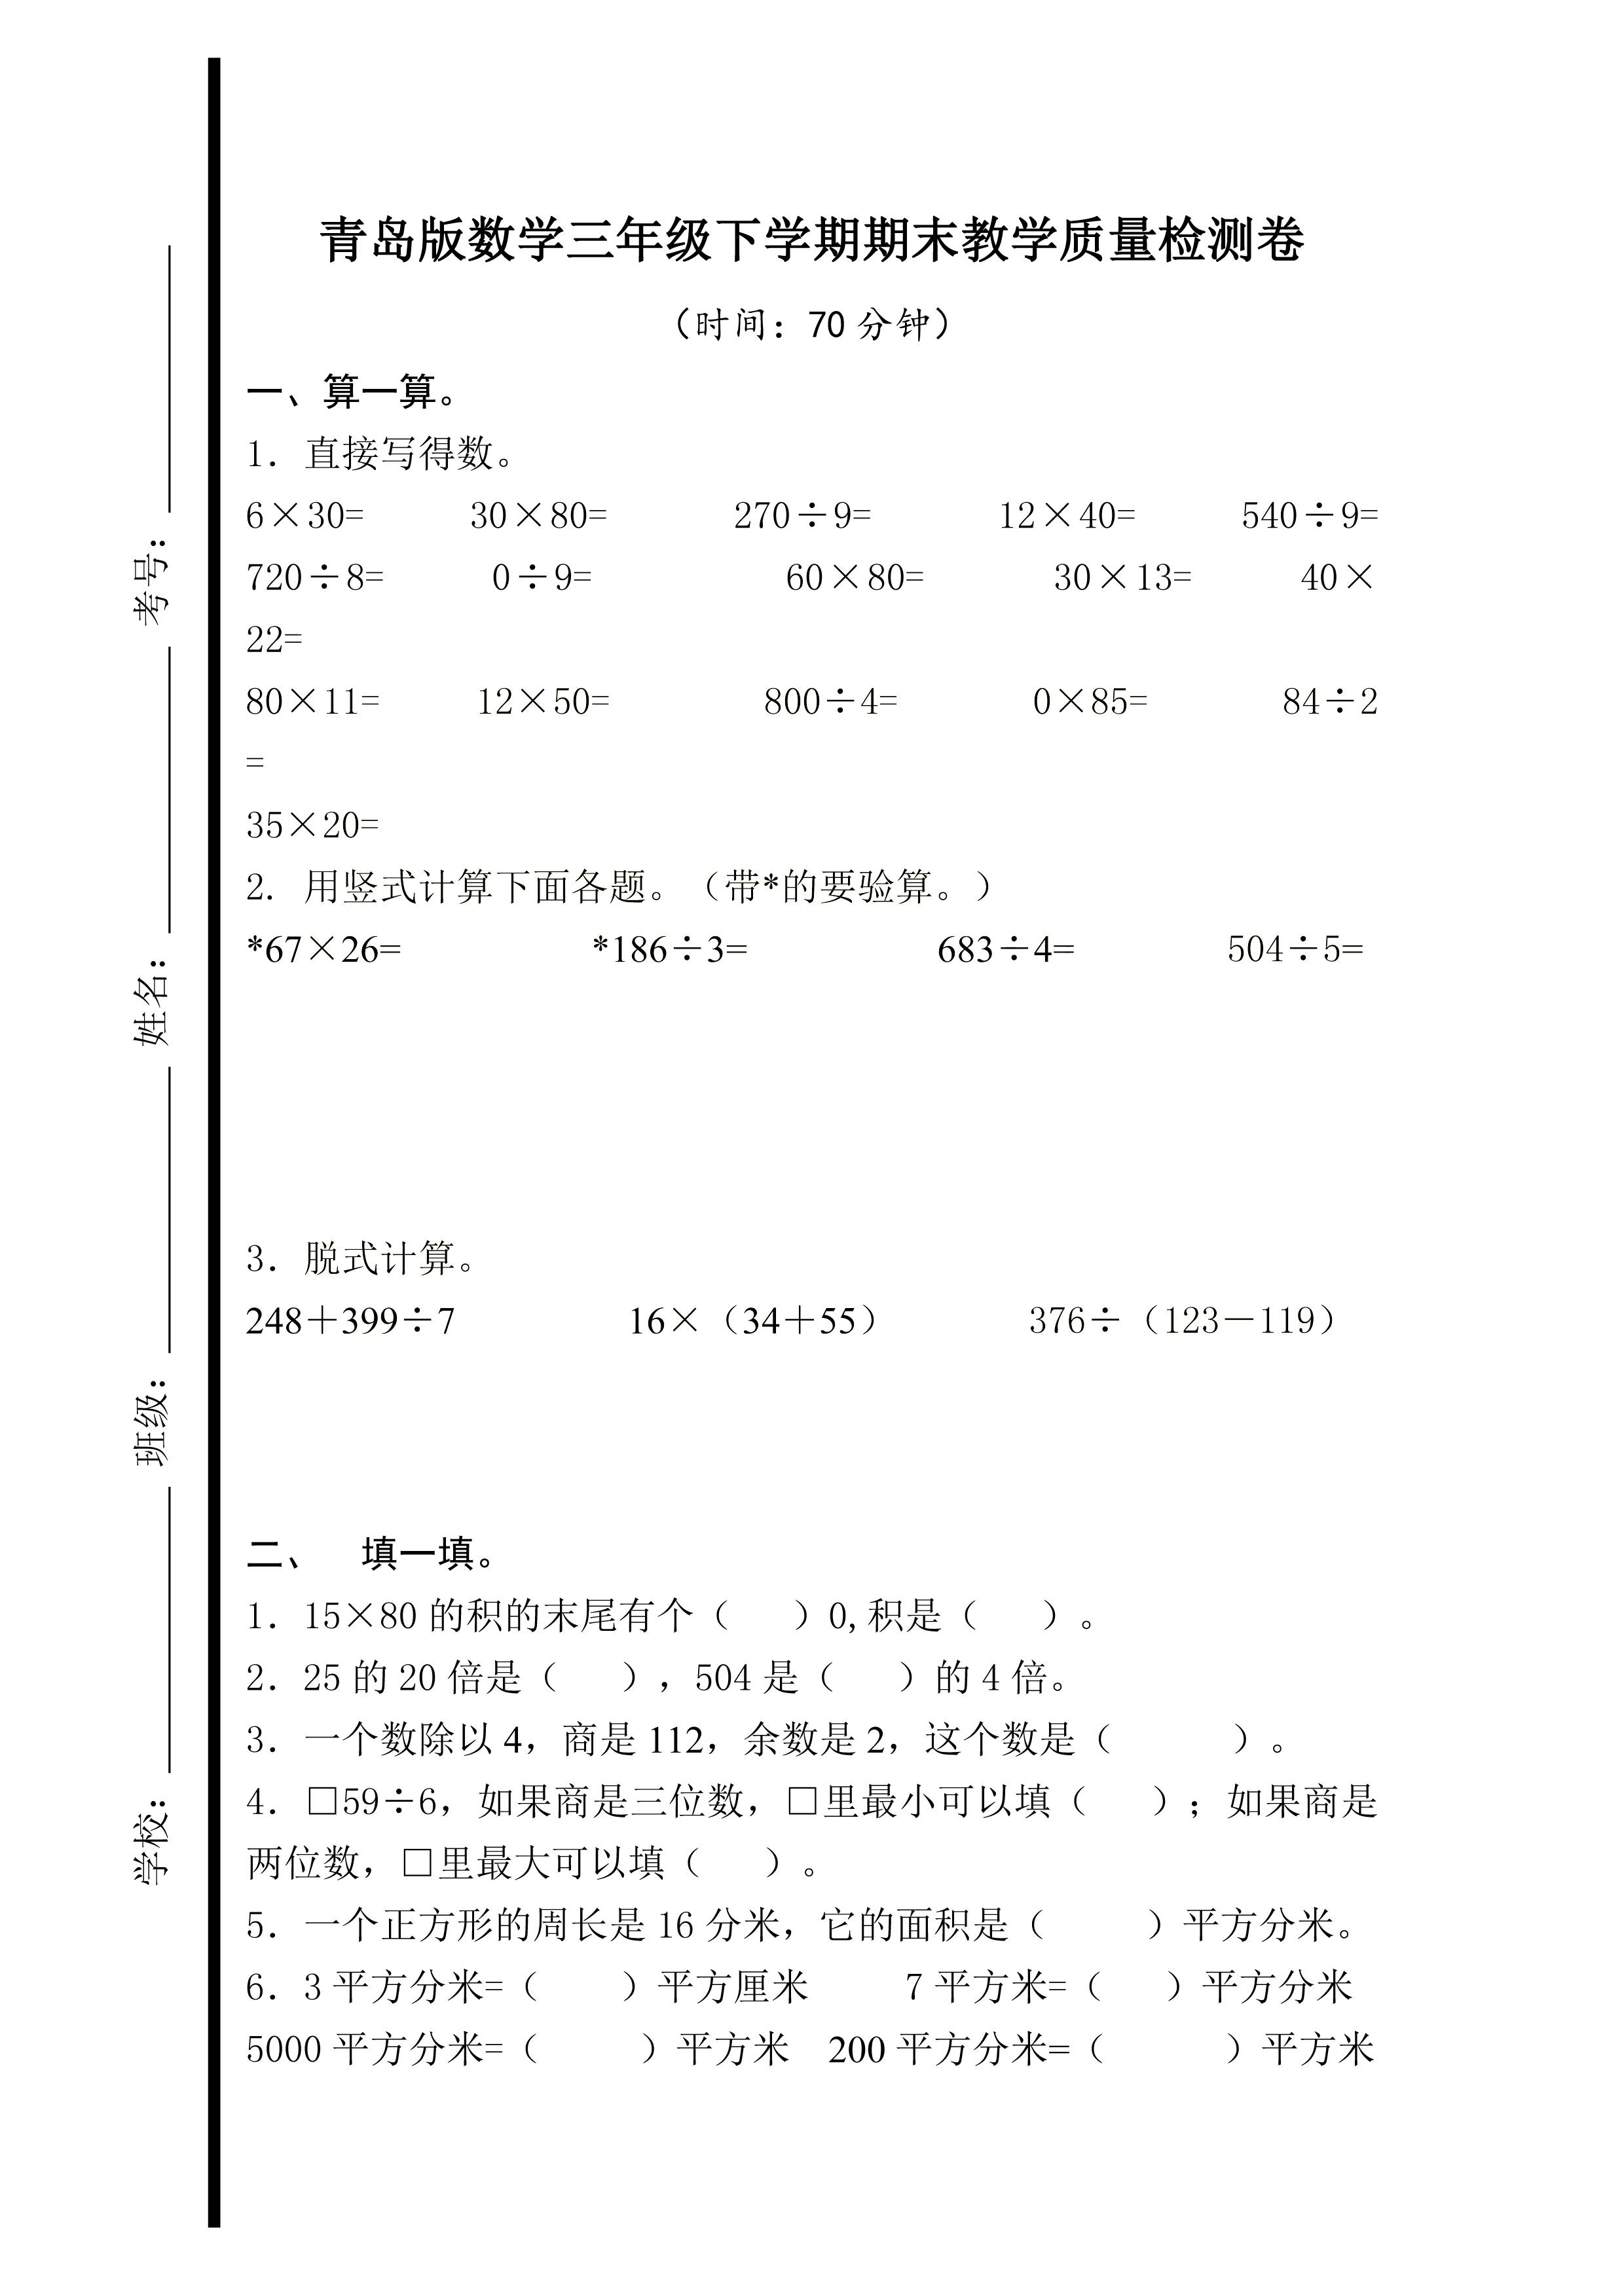 三年级下册数学期末教学质量检测-1.jpg